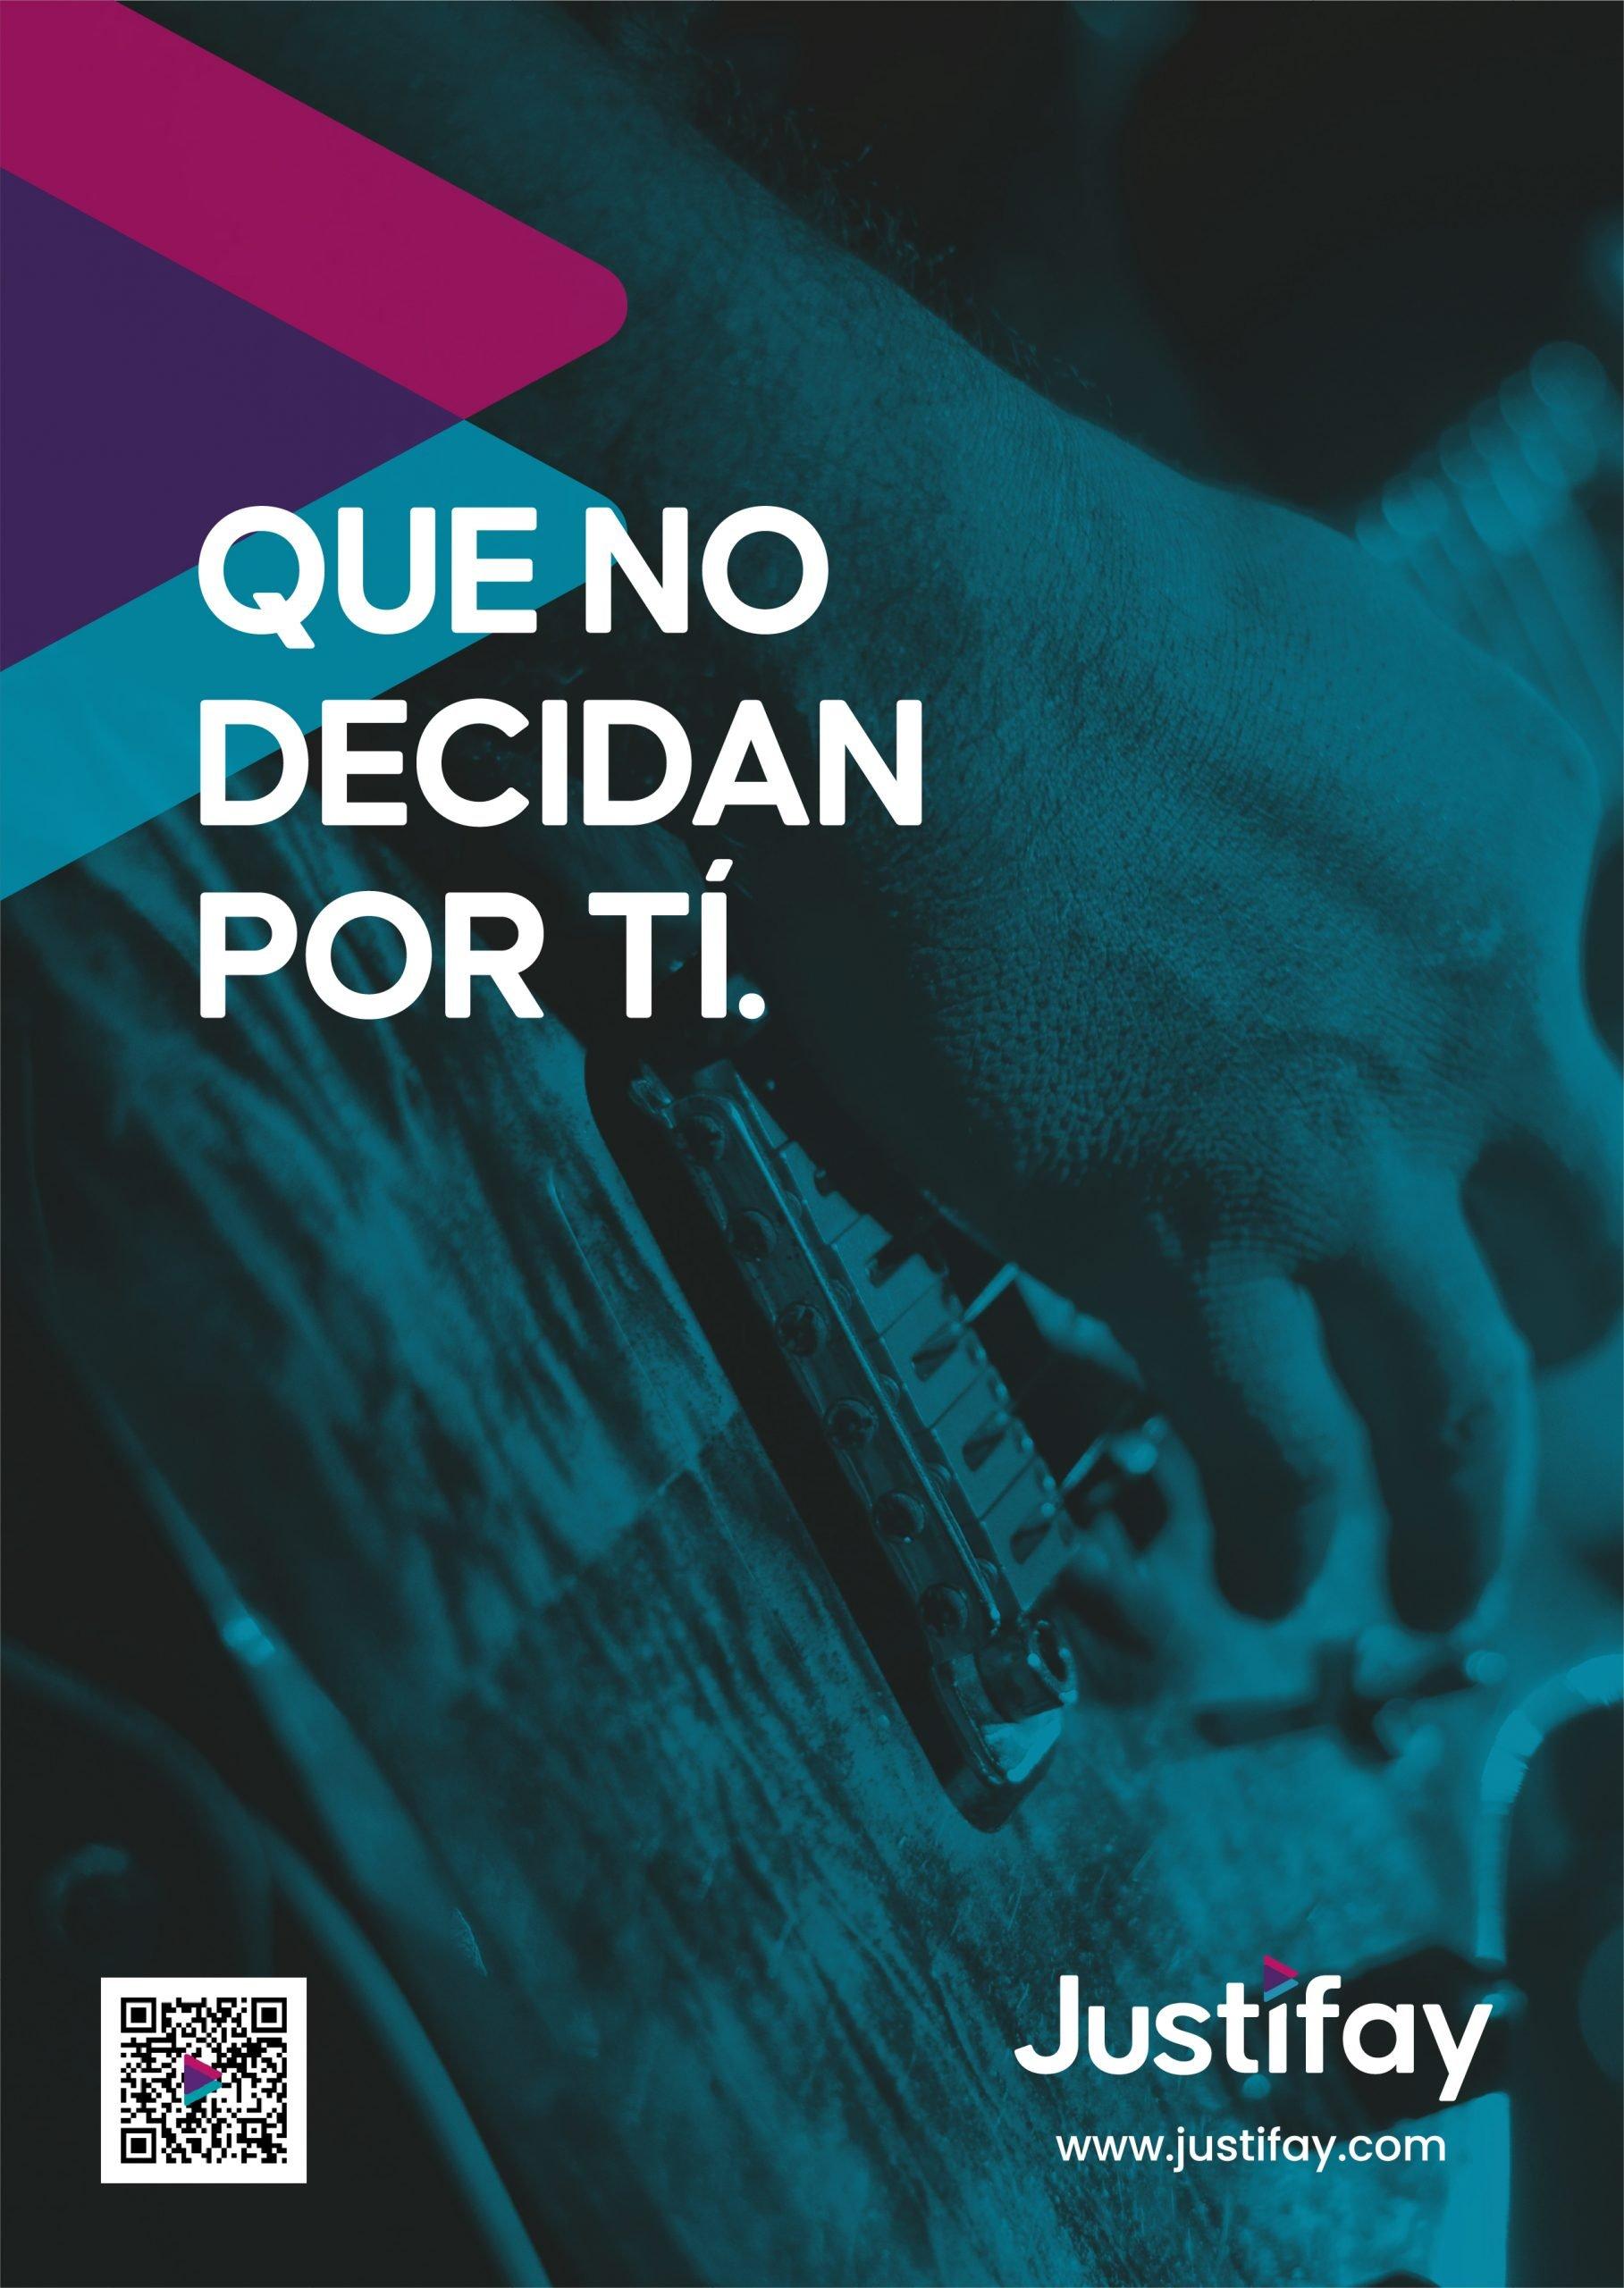 JUSTIFAY cartel A4 - Que no decidan por tí